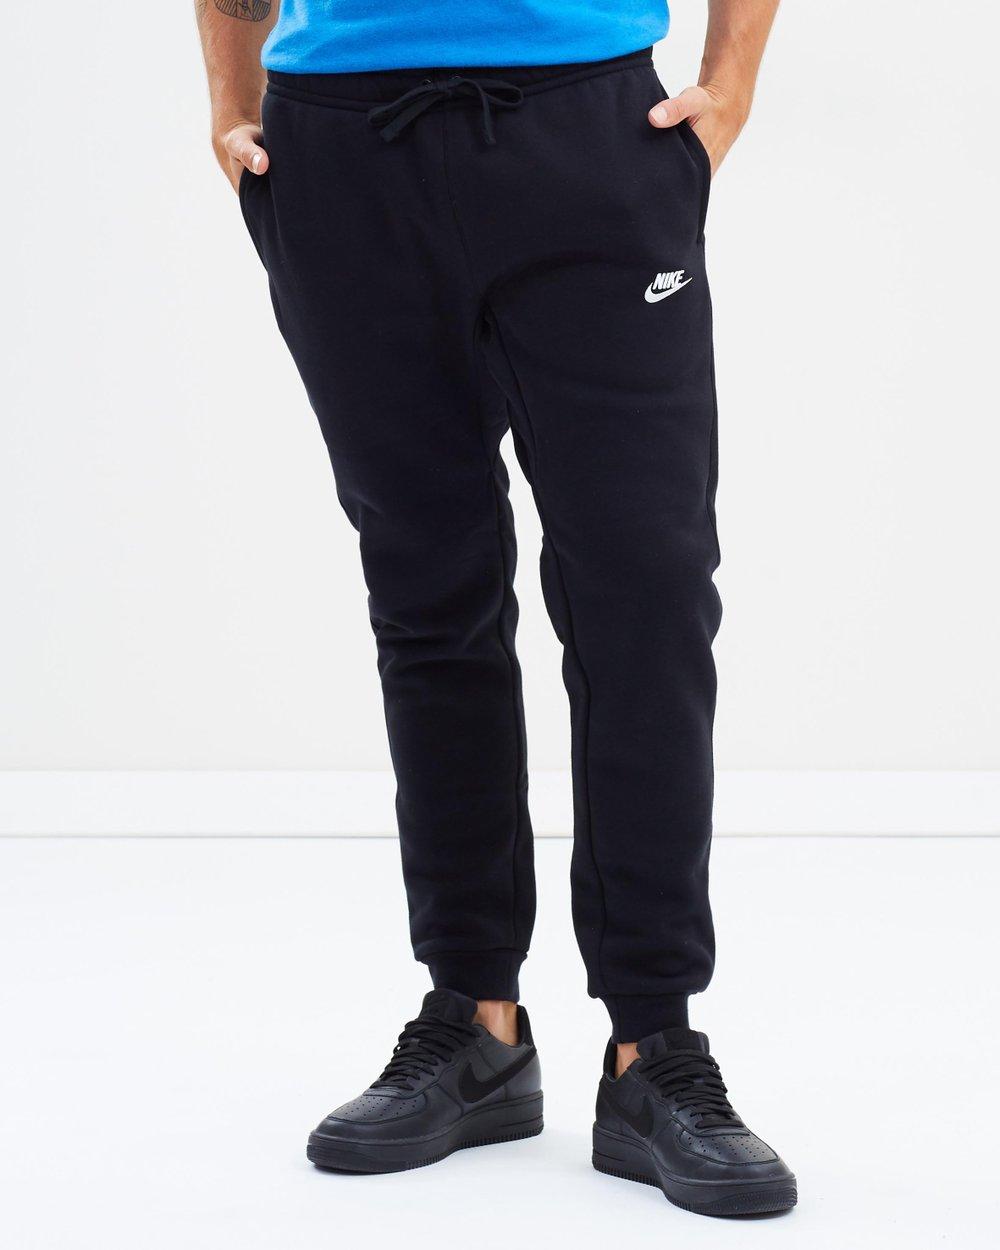 d45f8cbd11fb2 Men s Nike Sportswear Jogger Pants by Nike Online